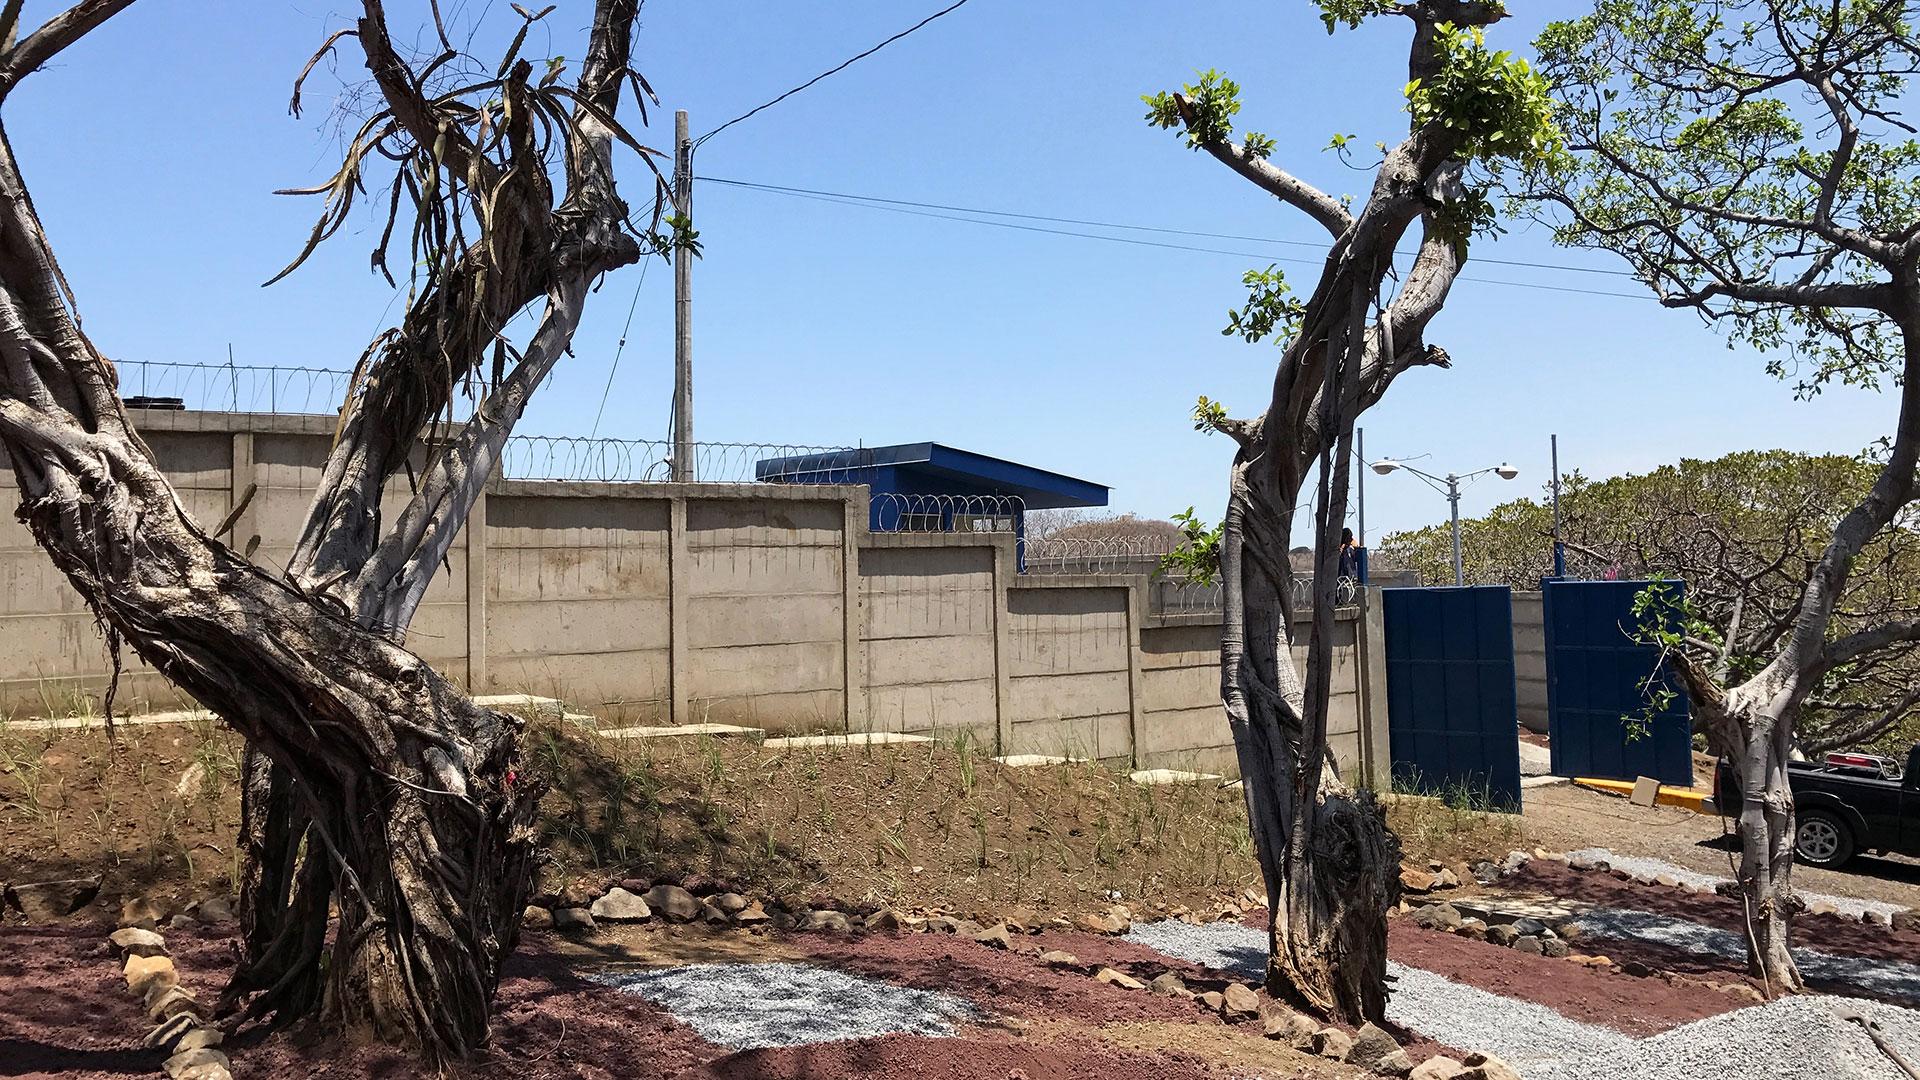 En las afueras de Managua, a orillas de la Laguna de Najapa se encuentra la estación de espionaje estratégica que Rusia logró imponerle a Daniel Ortega (Washington Post)